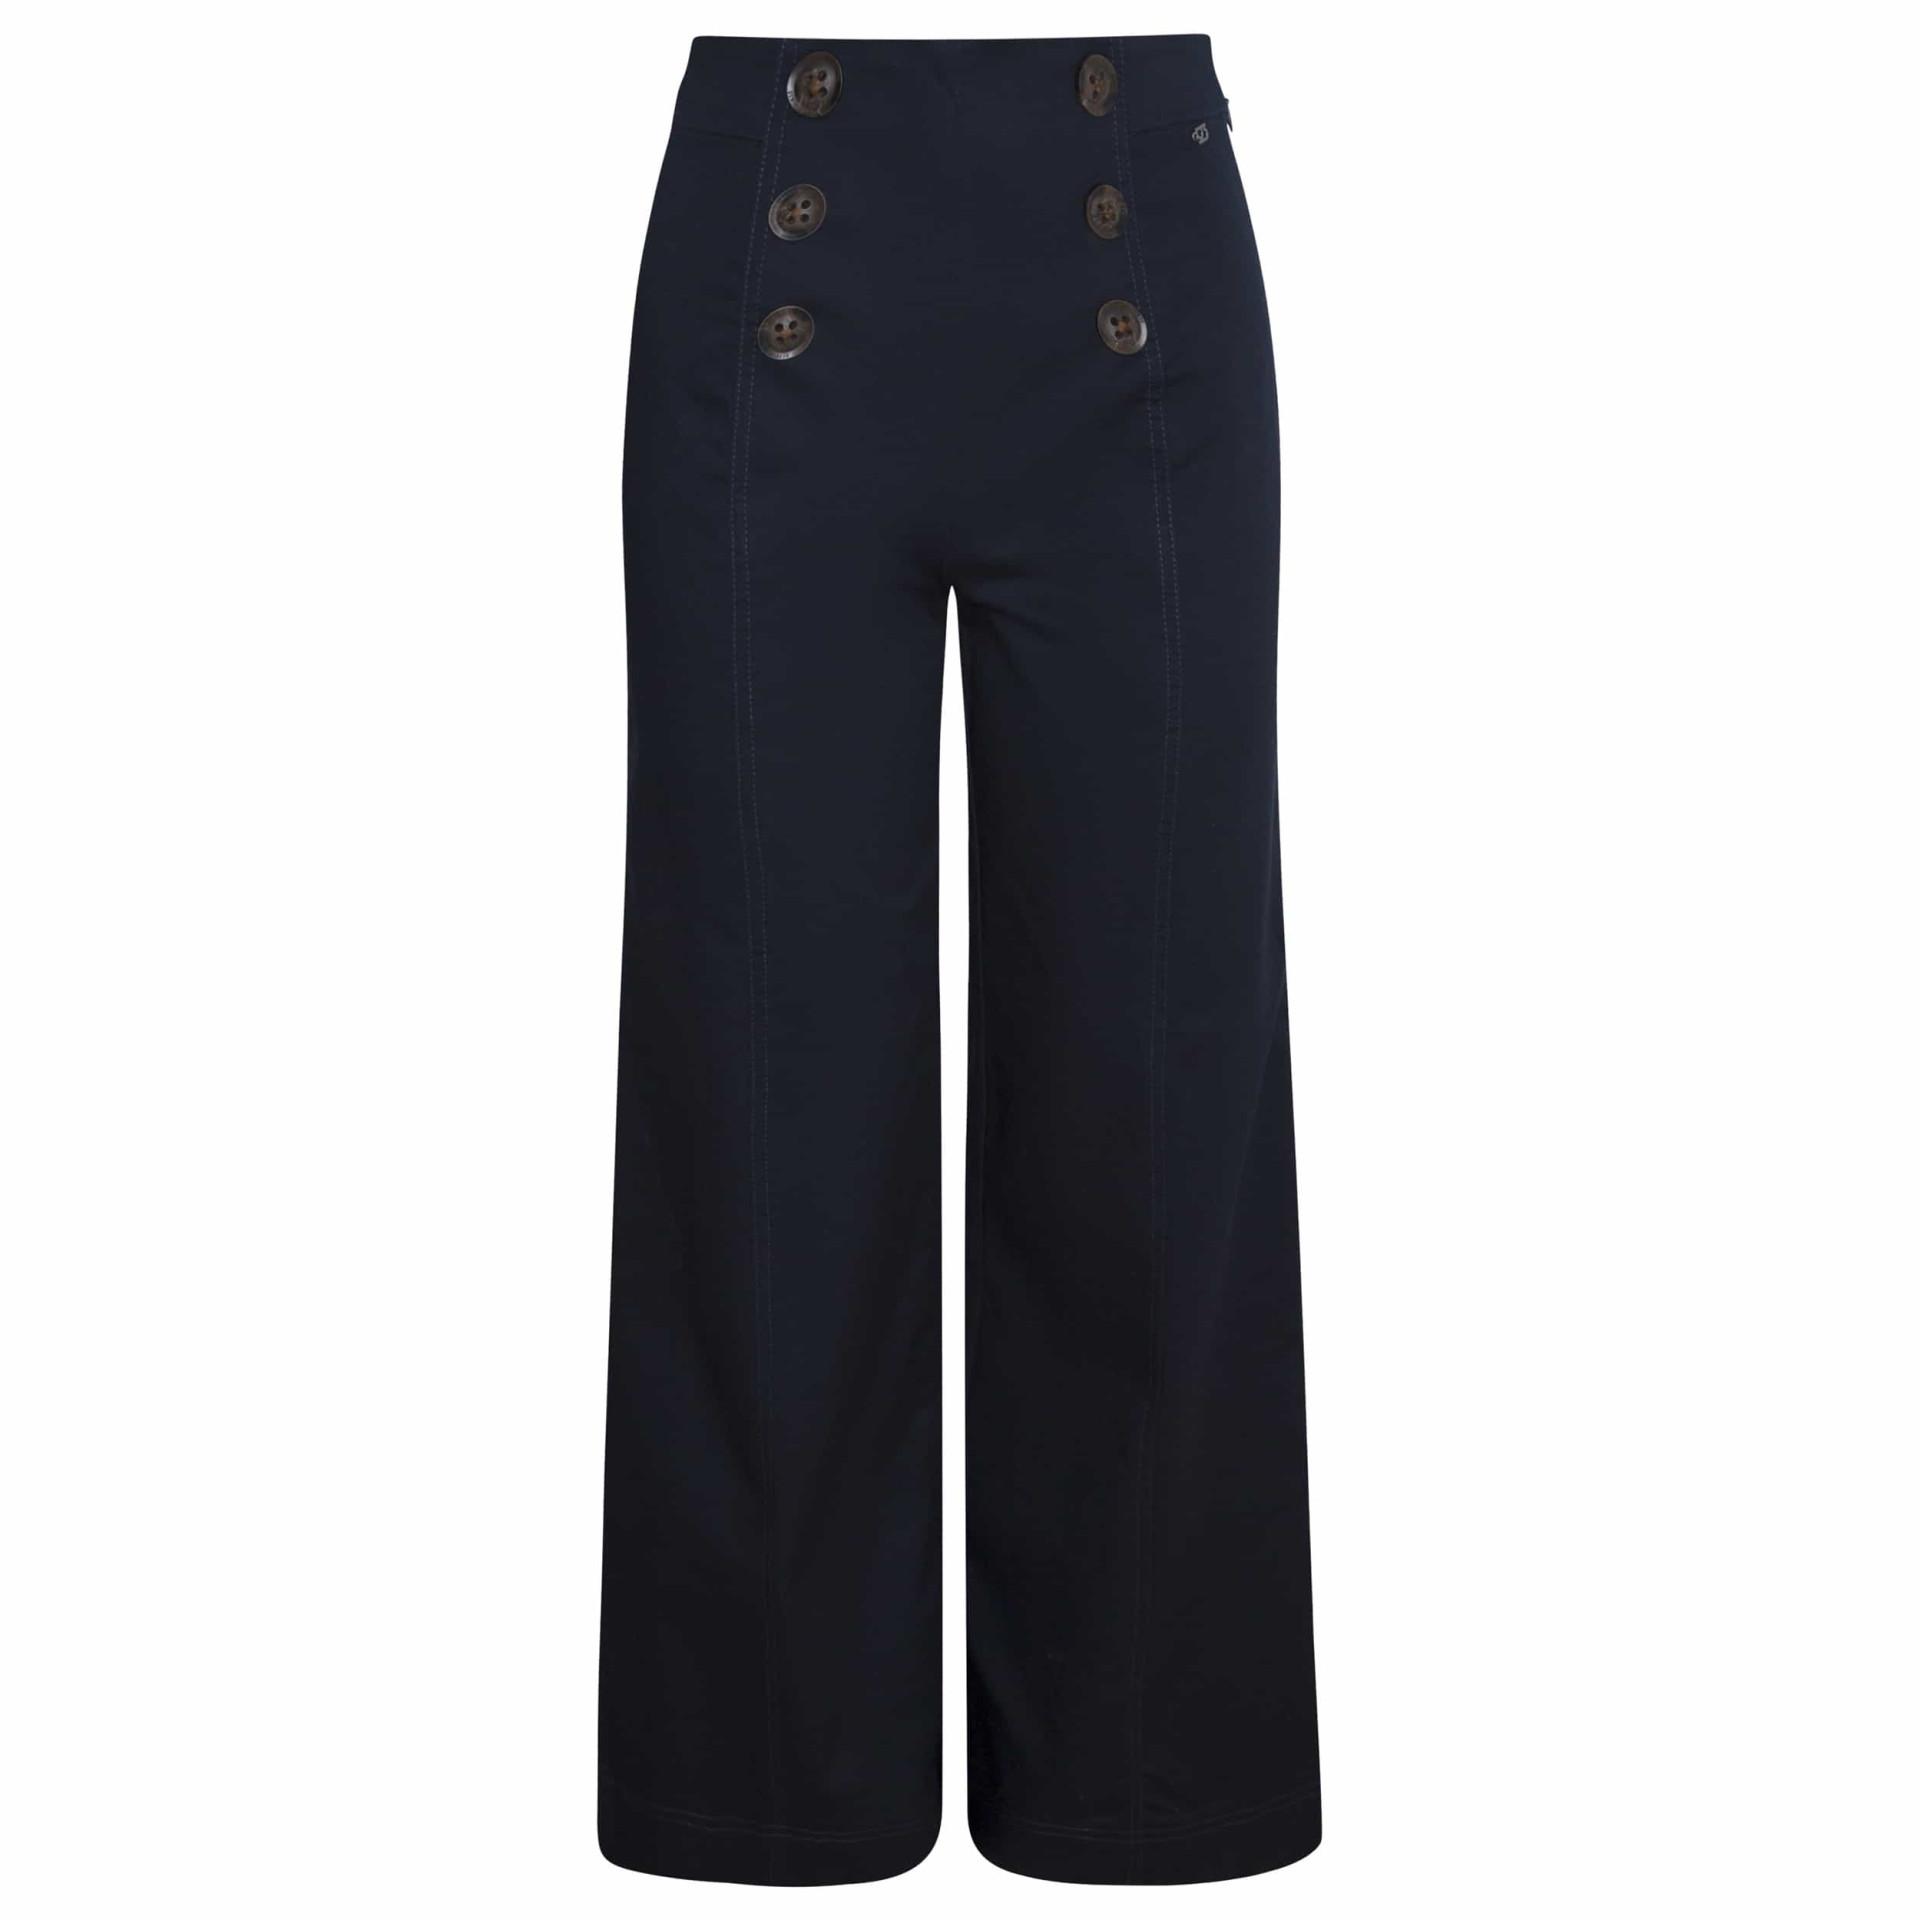 Estas são as propostas da Pepe Jeans London para a época festiva